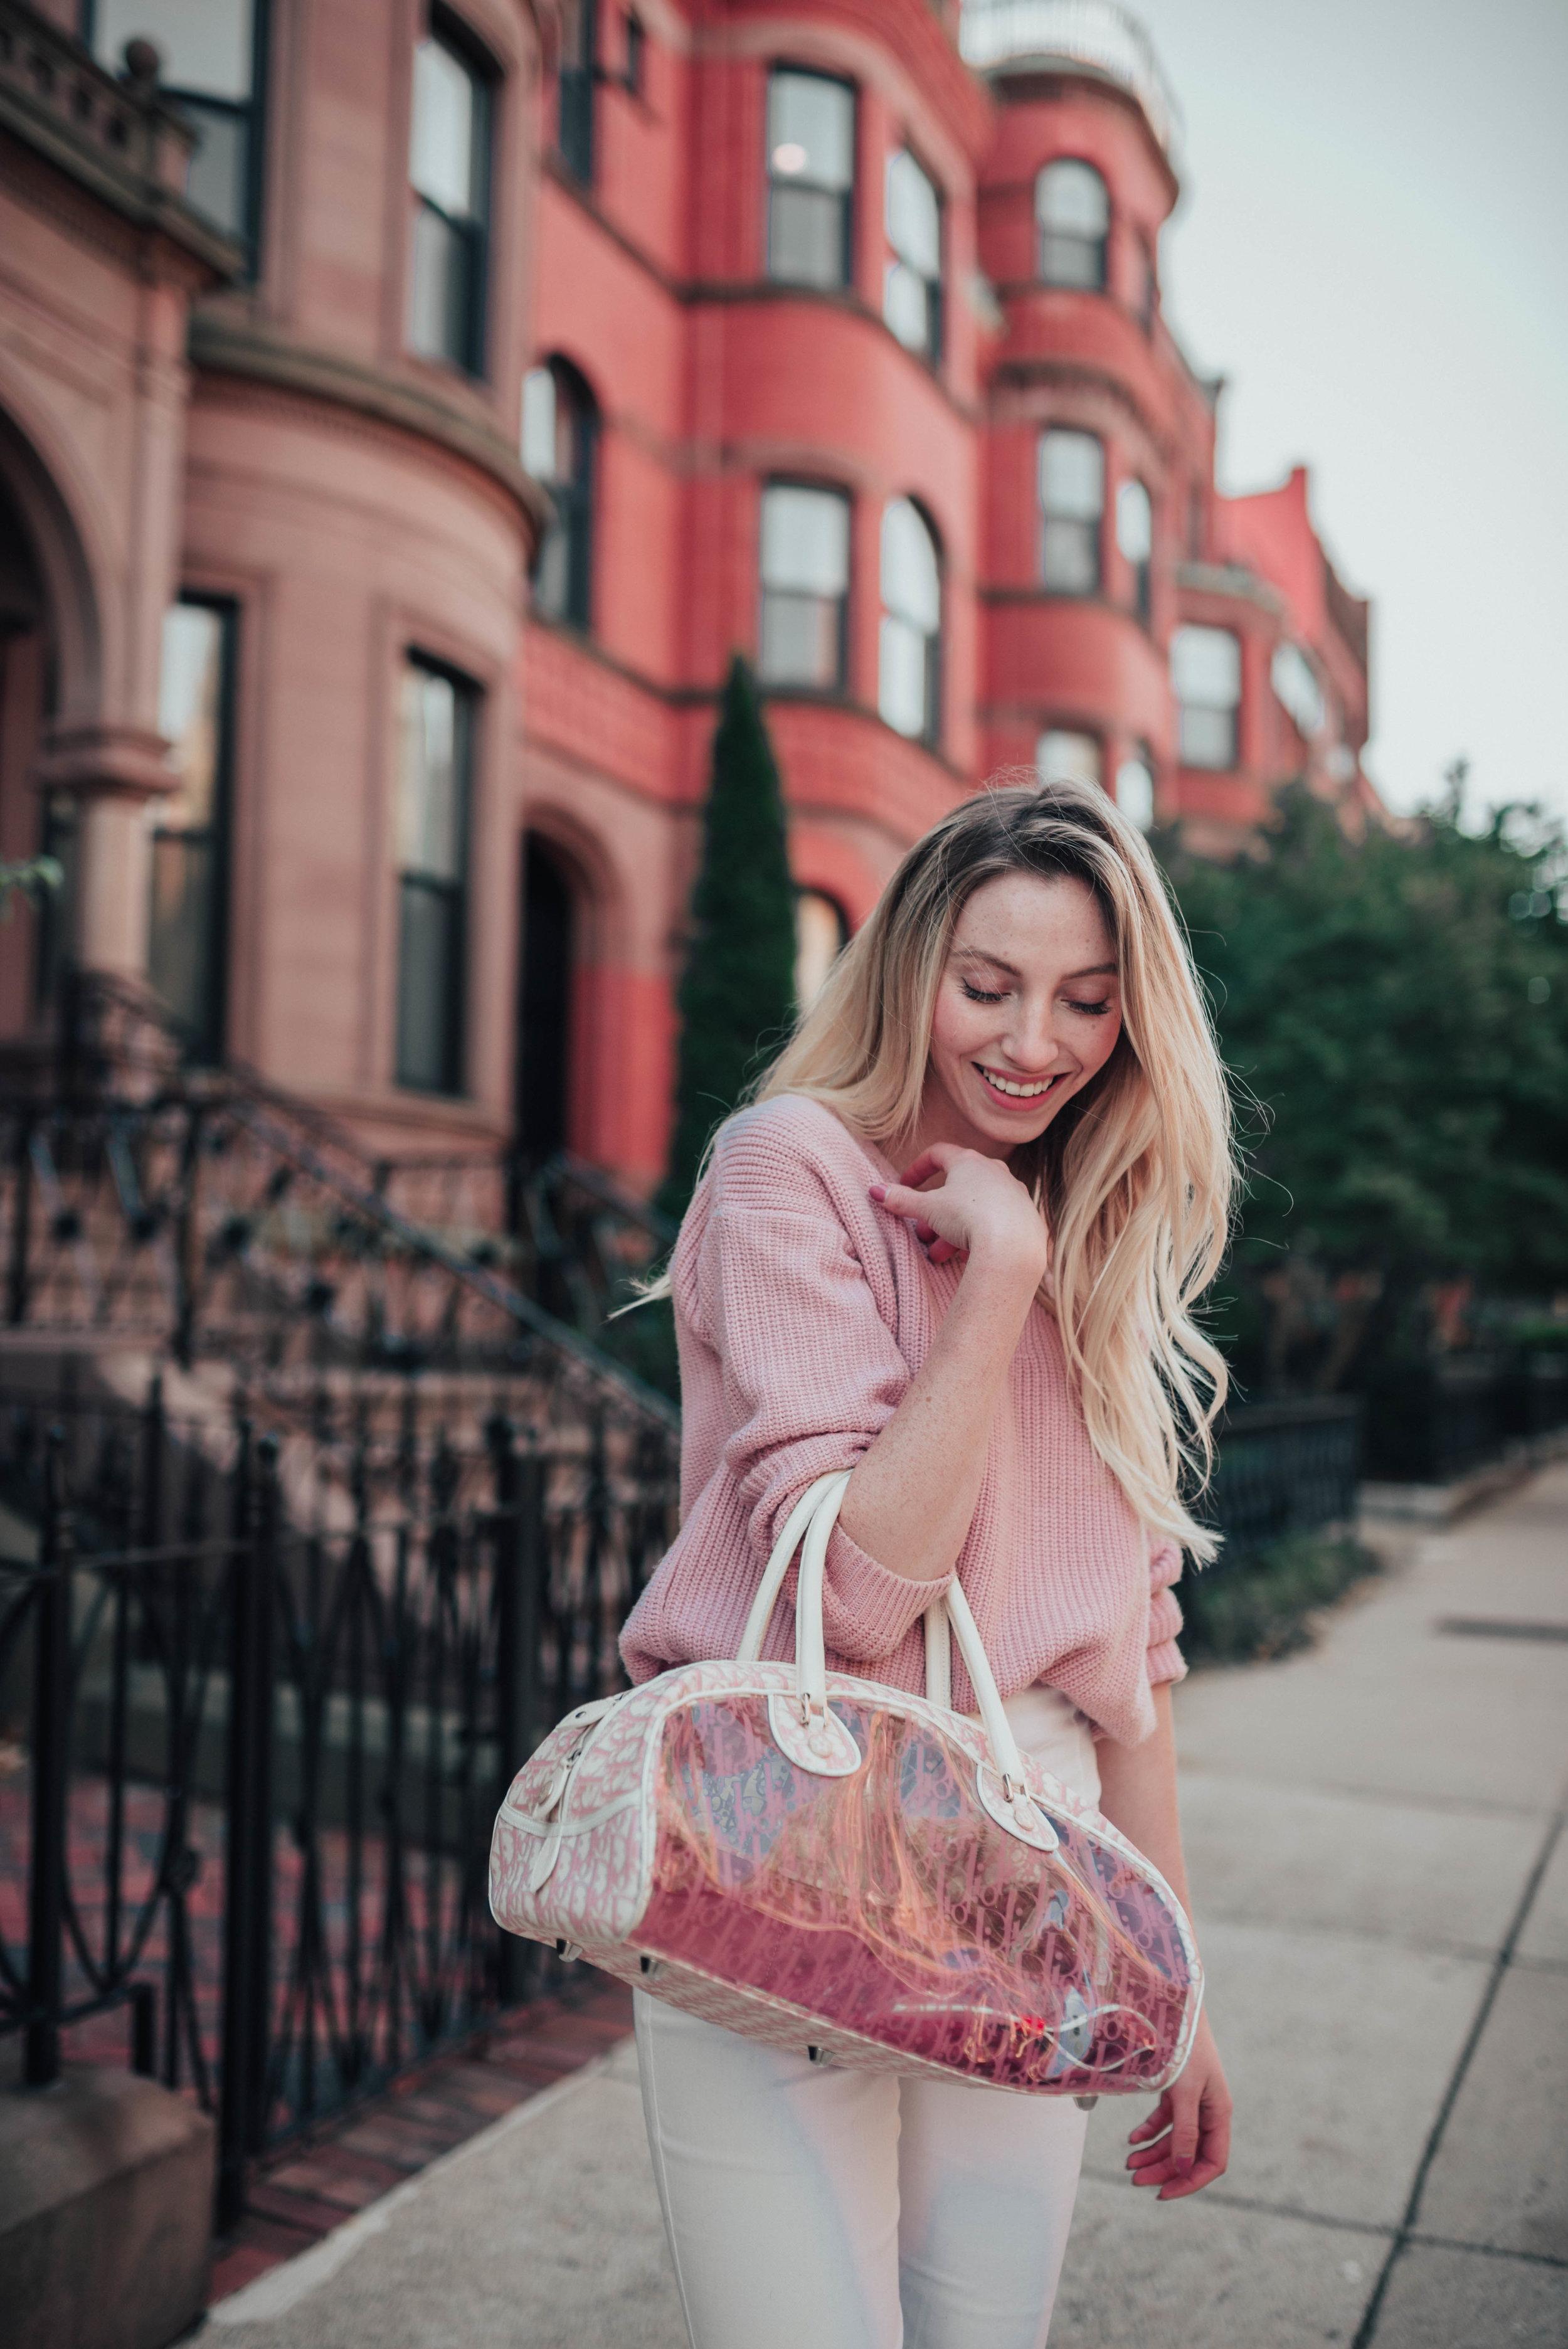 Dior PVC Bag   @maevestier